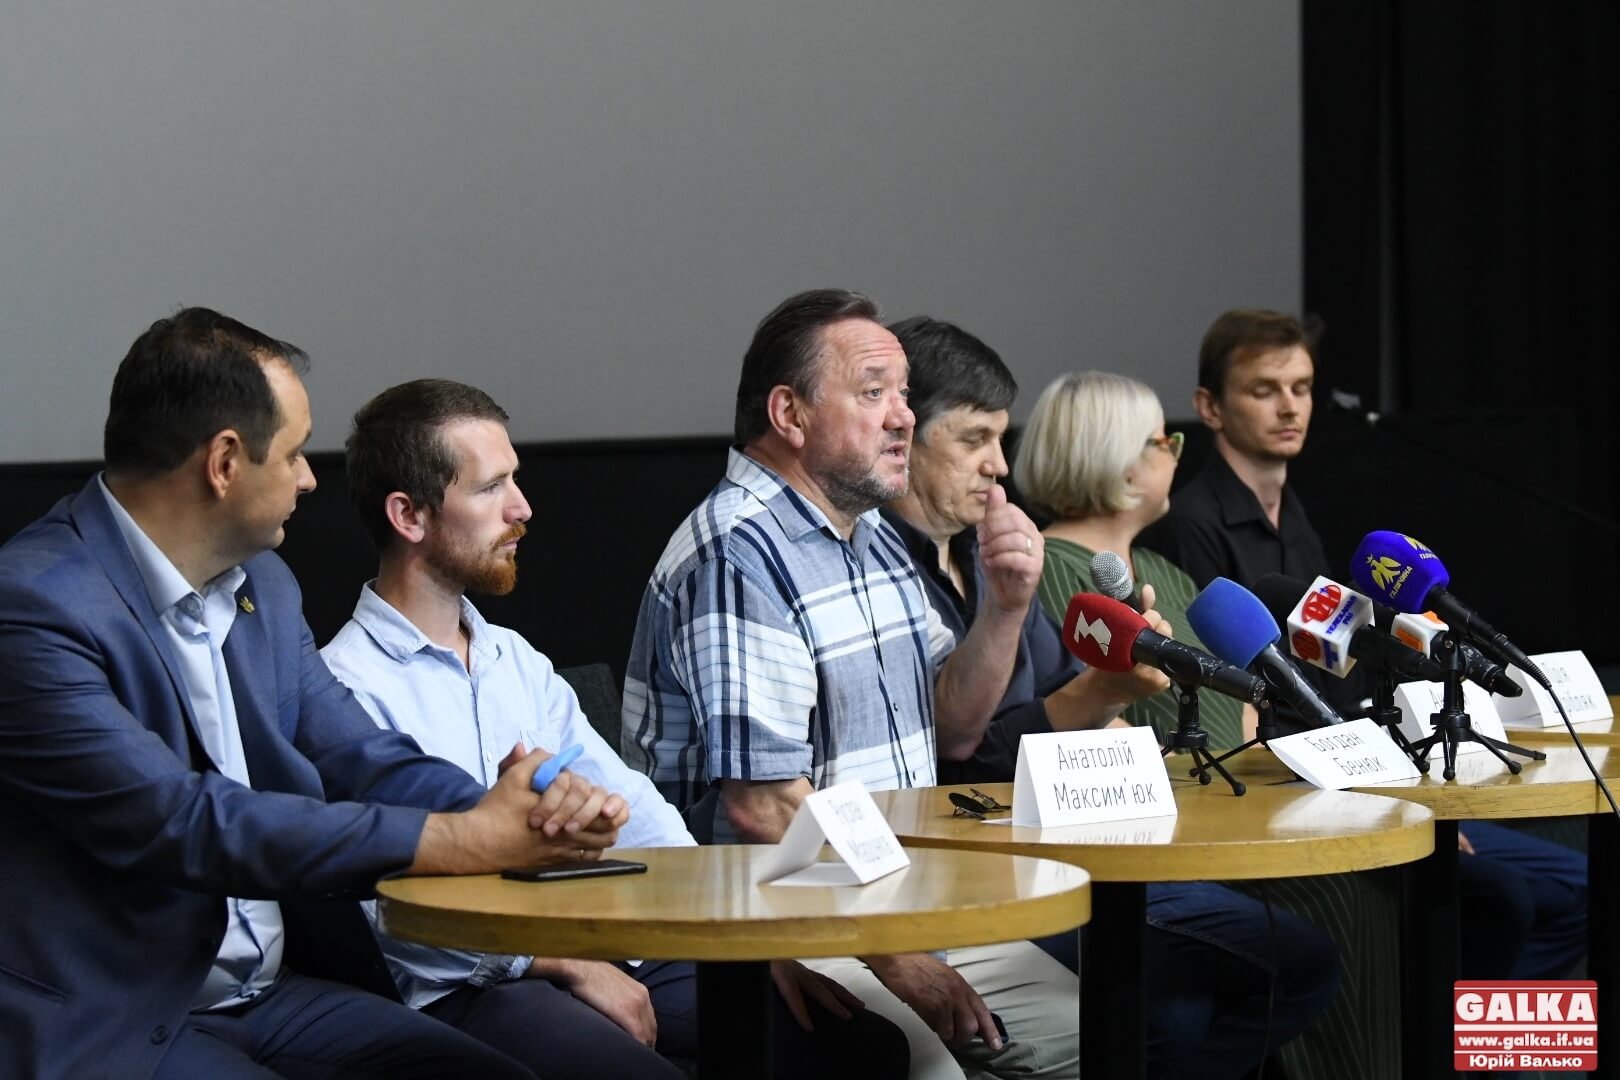 «За посмішками бачимо трагедію»: в Івано-Франківську презентували стрічку про бійців «Східняк» (ФОТО)